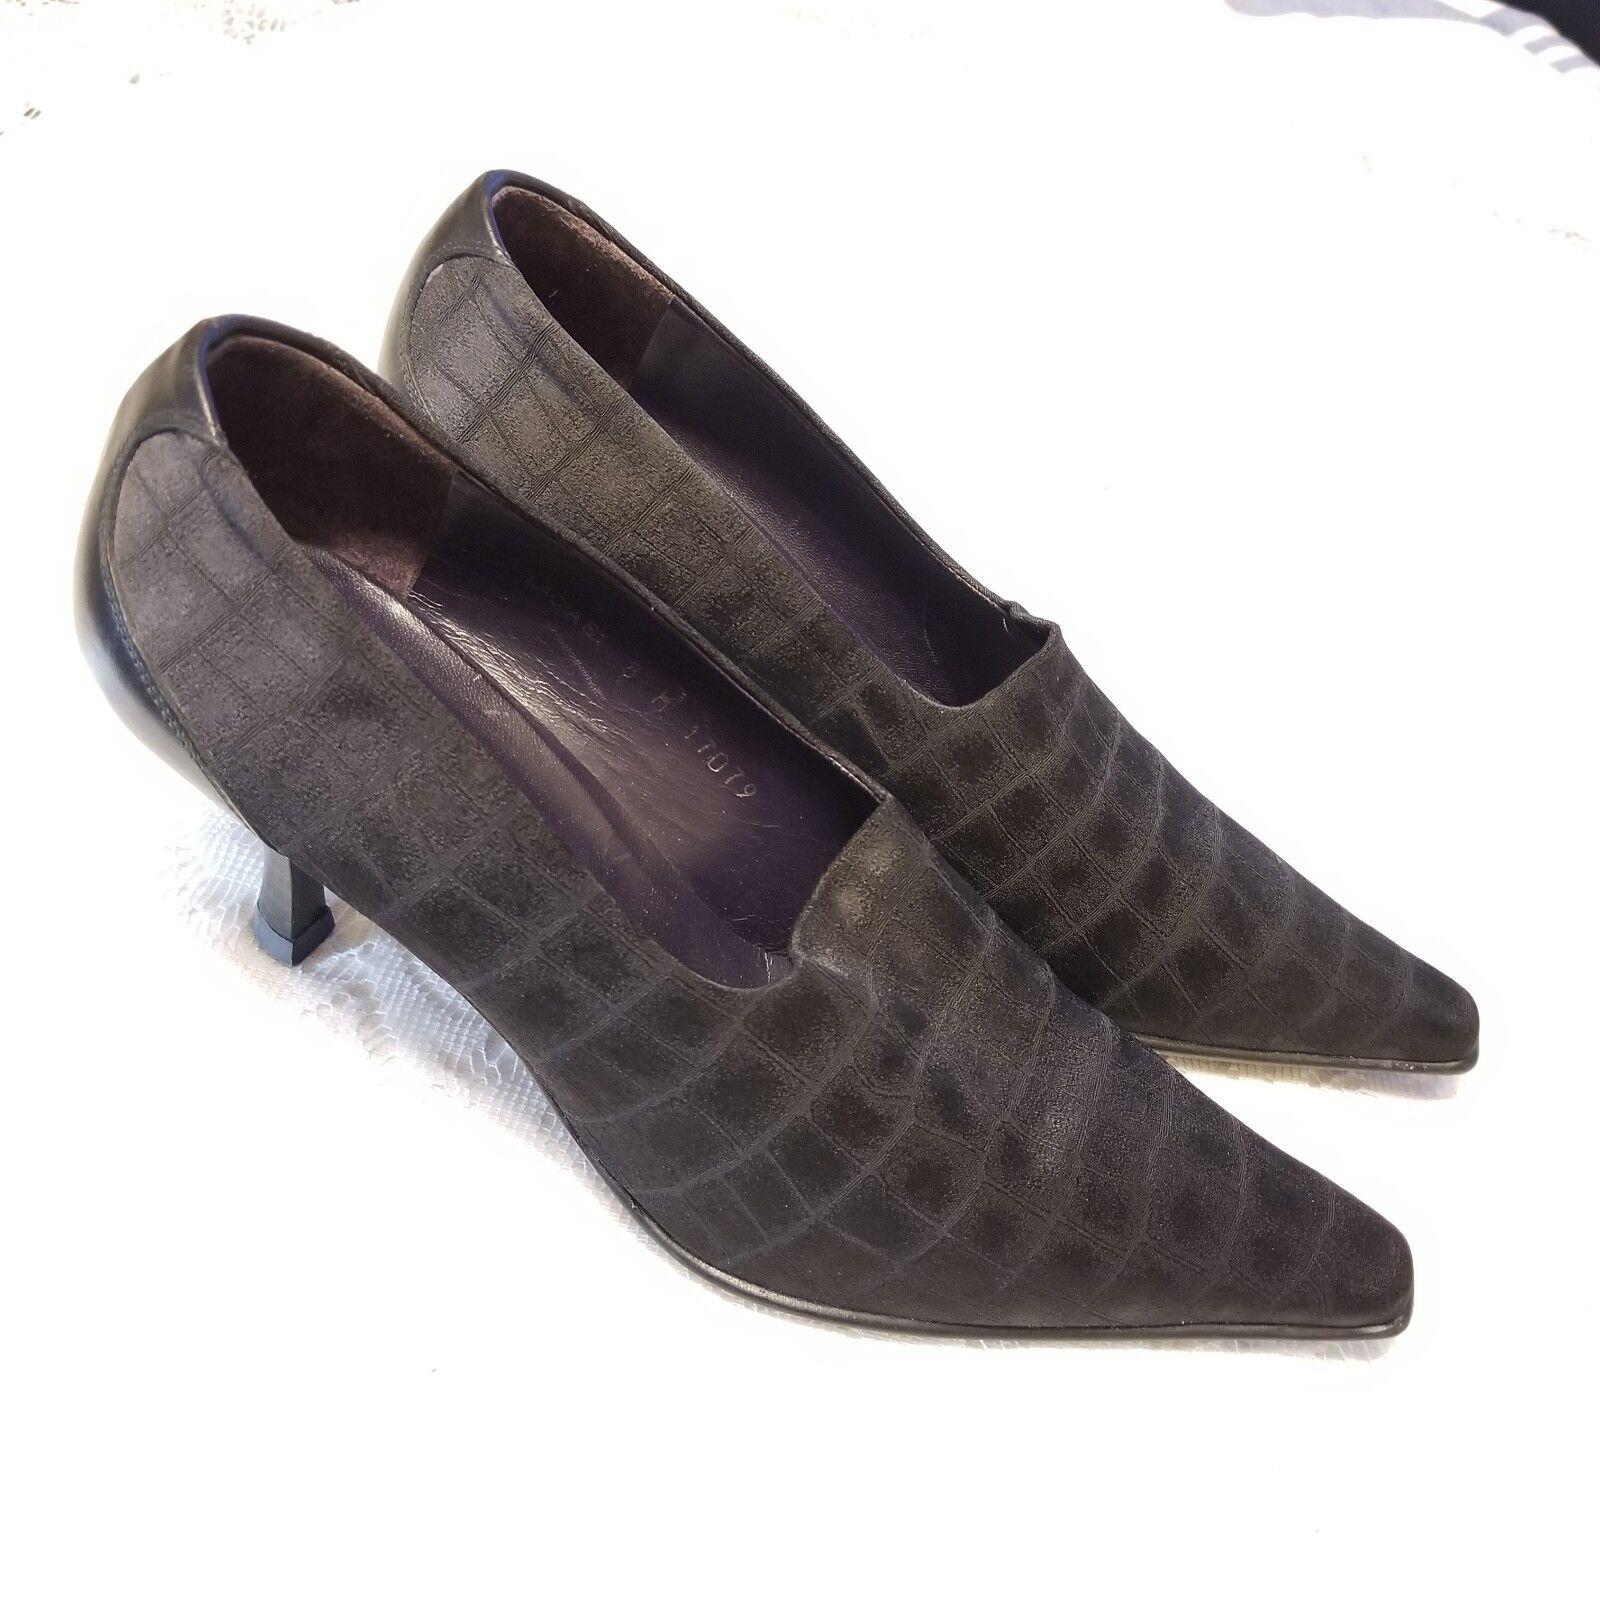 B42 Donald J Pliner noir Chaussons chaussures Talons LACIA extensible gaufré Croco Sz 8 m